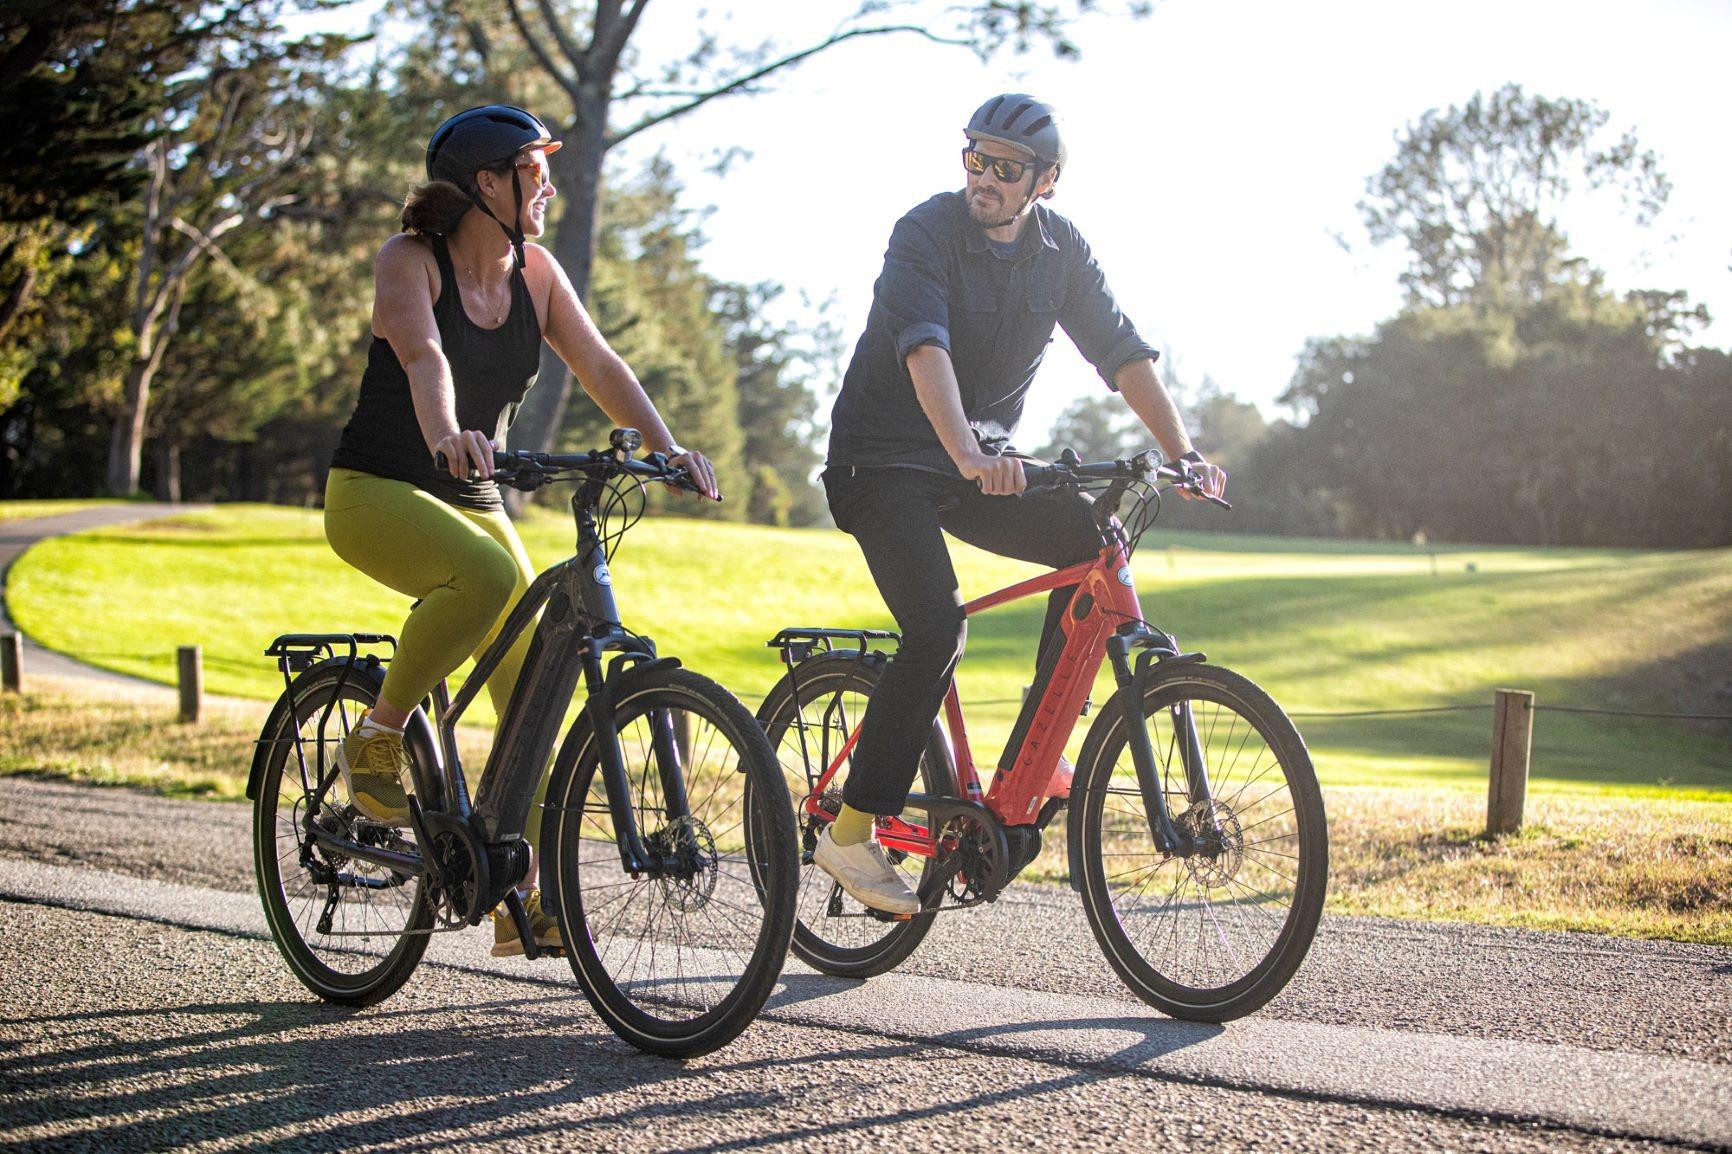 10 Reasons to Buy an E-Bike